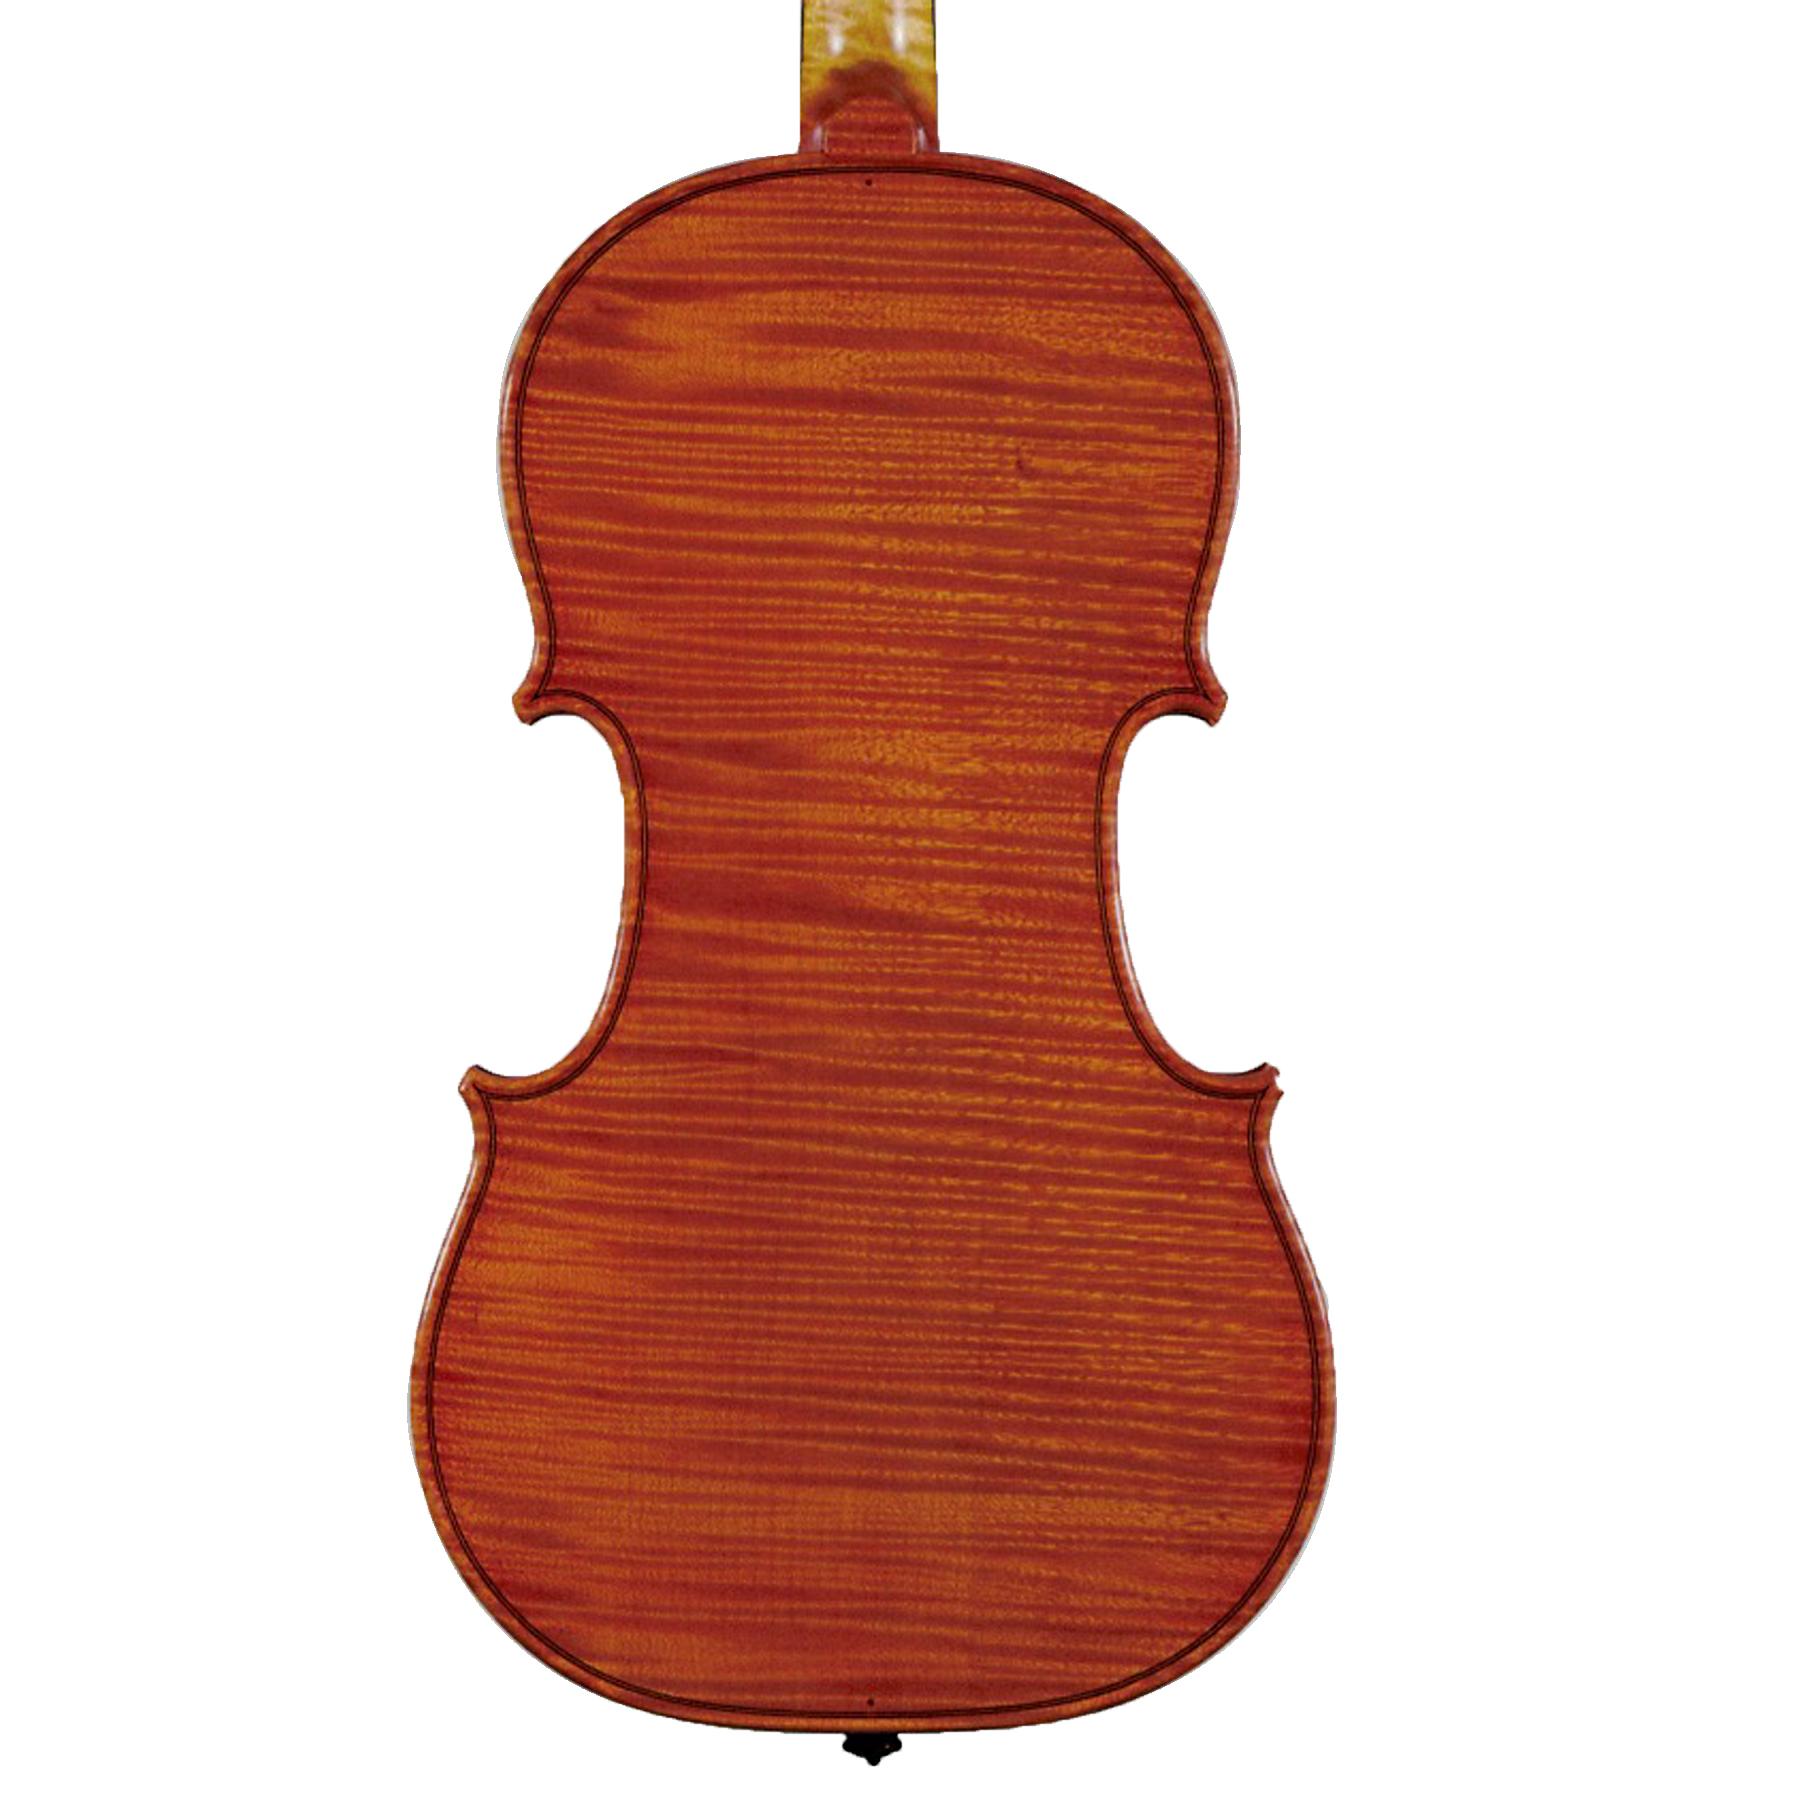 Guido Trotta Violin 2016 in action